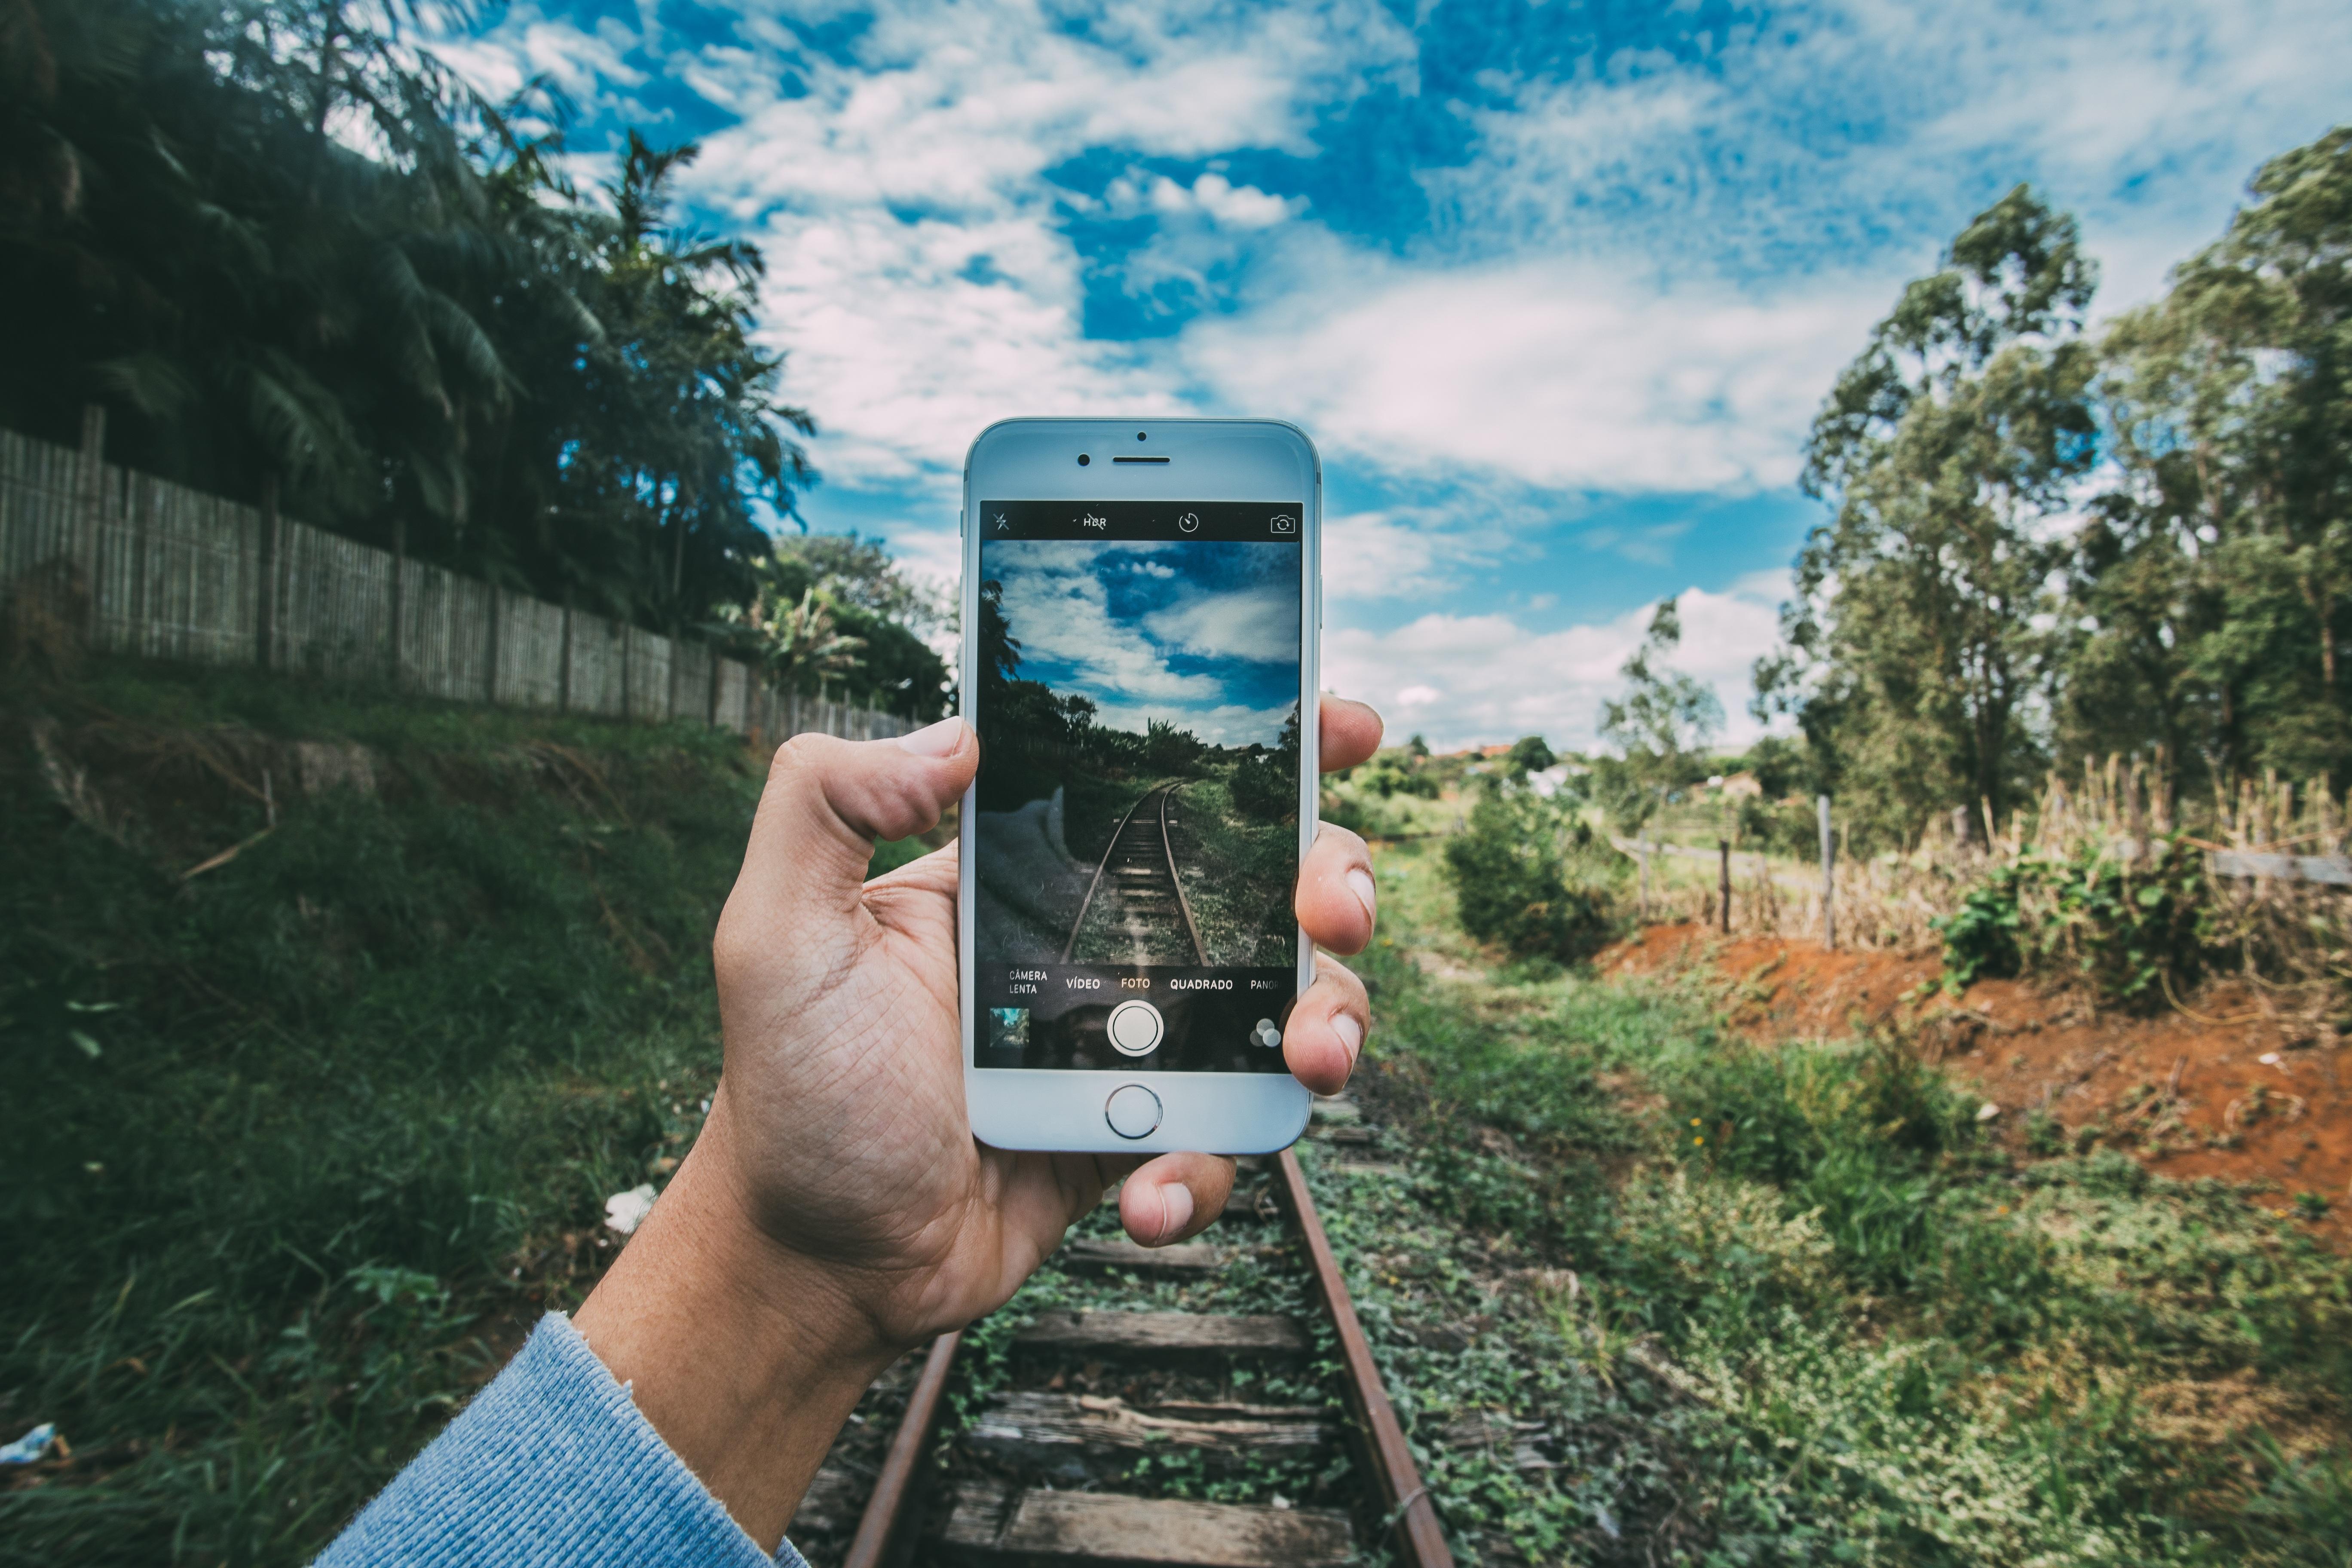 купить калининграде, фоторедактор с отображением фото на айфон галерею нажатием